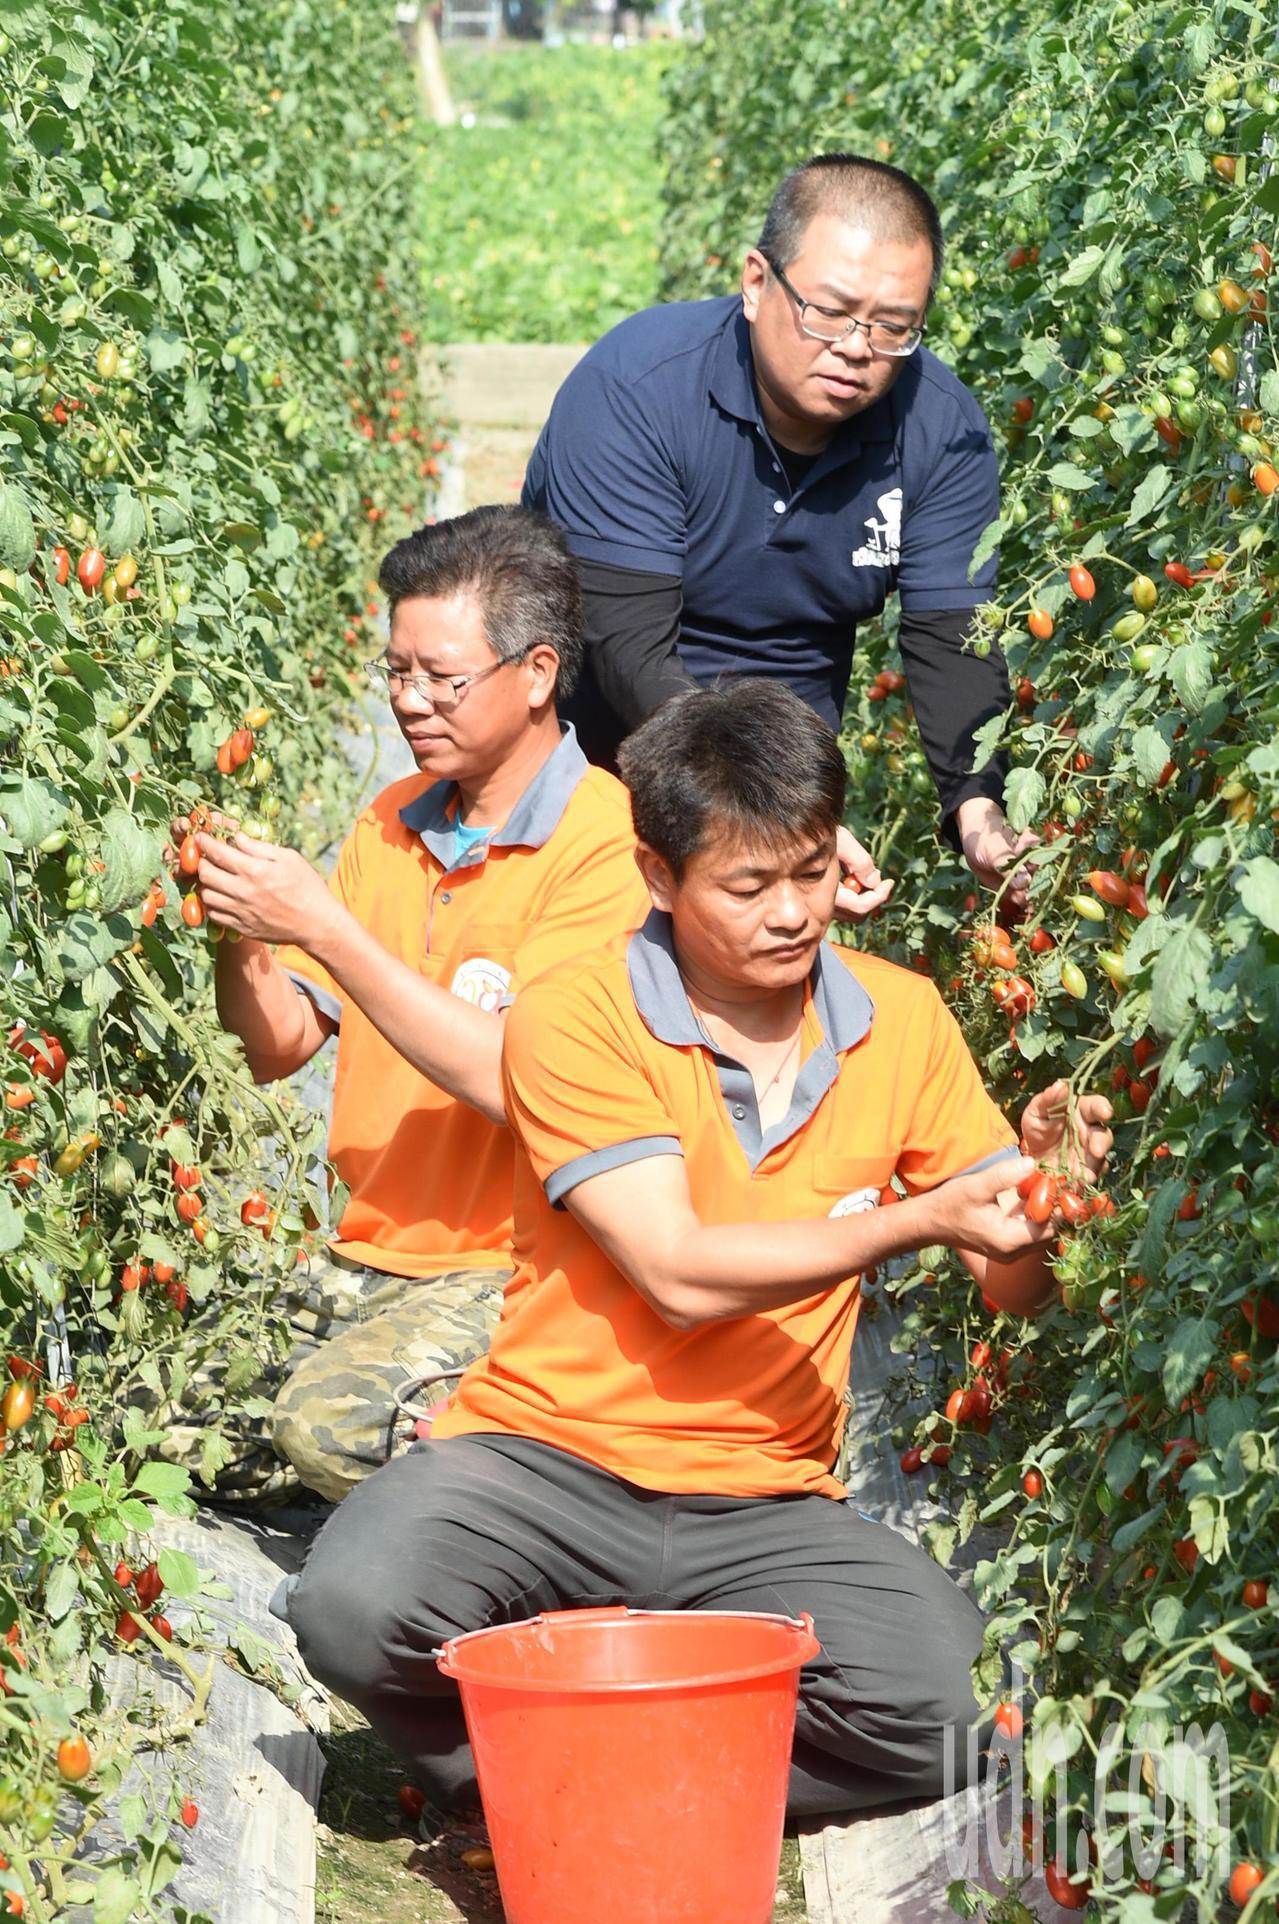 退役軍官蕭成龍(左)經營「成龍果園」種植小番茄甜度超高,各蔬果均有履歷證明,吸引...